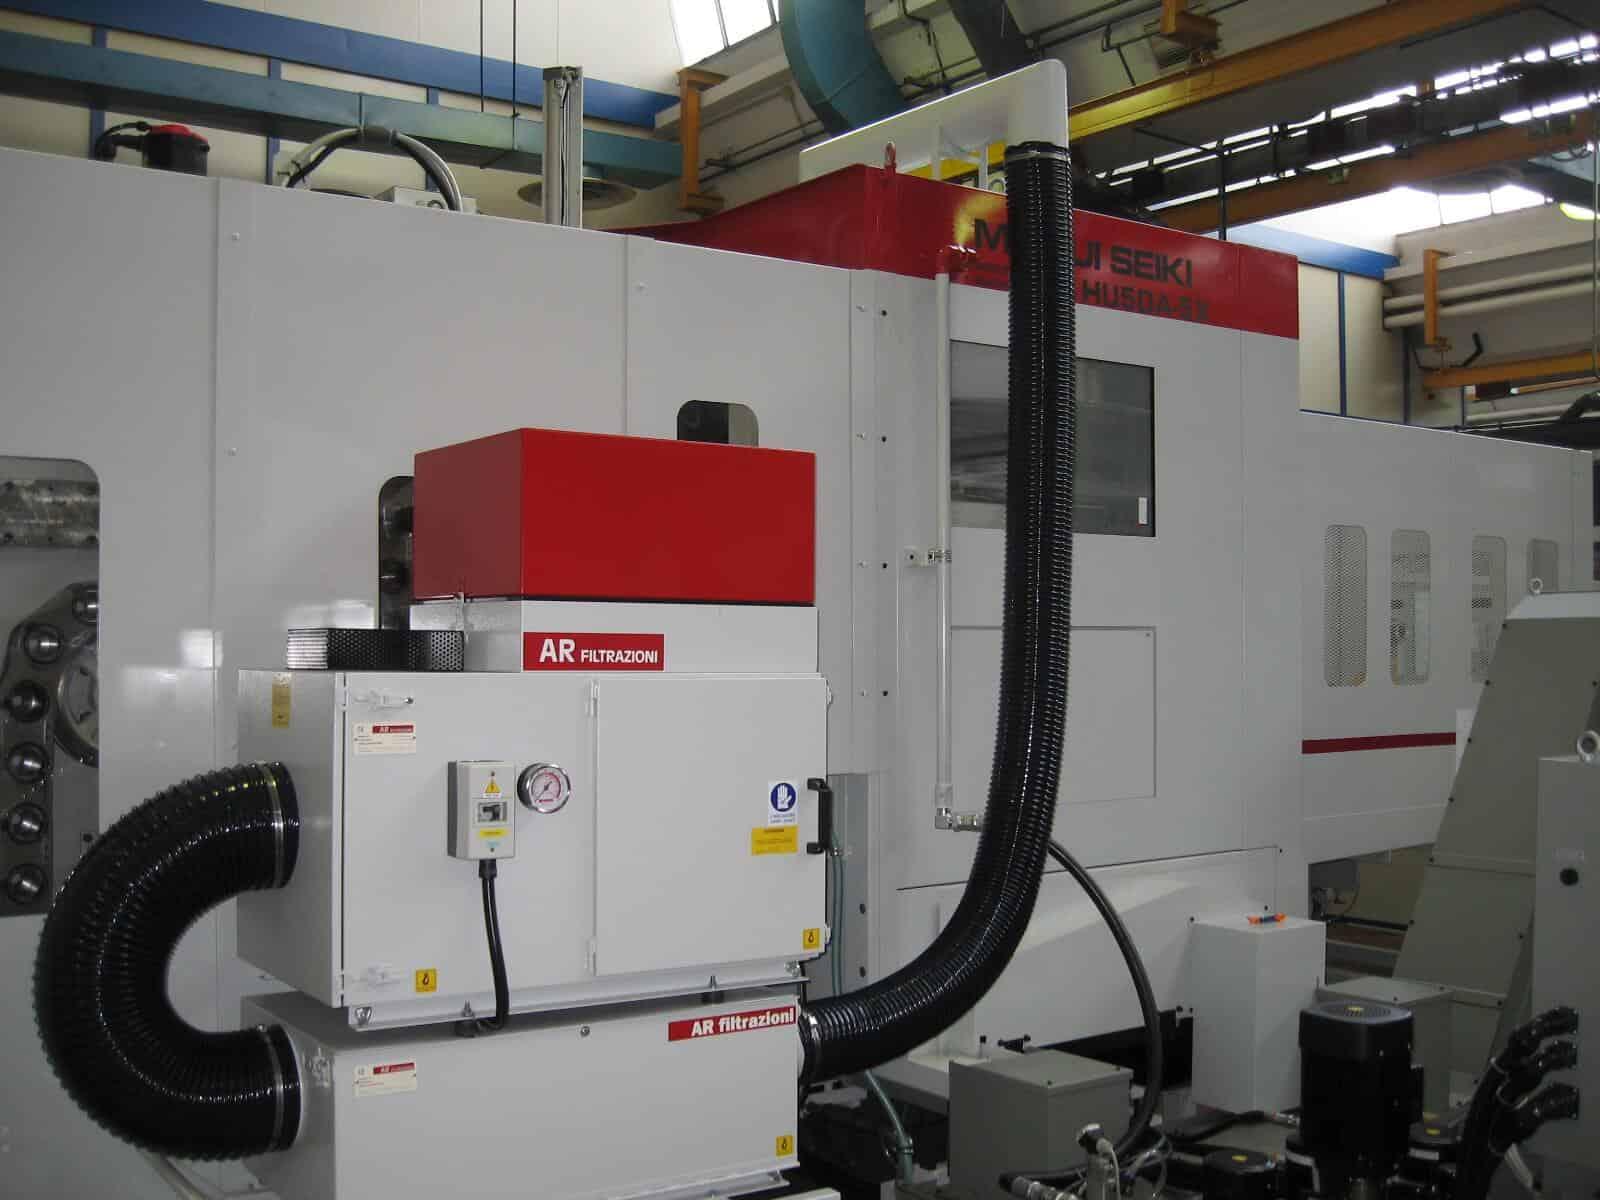 filtrazione-aria-ar-filtrazioni-centri-di-lavoro-MITSUI-SEIKI